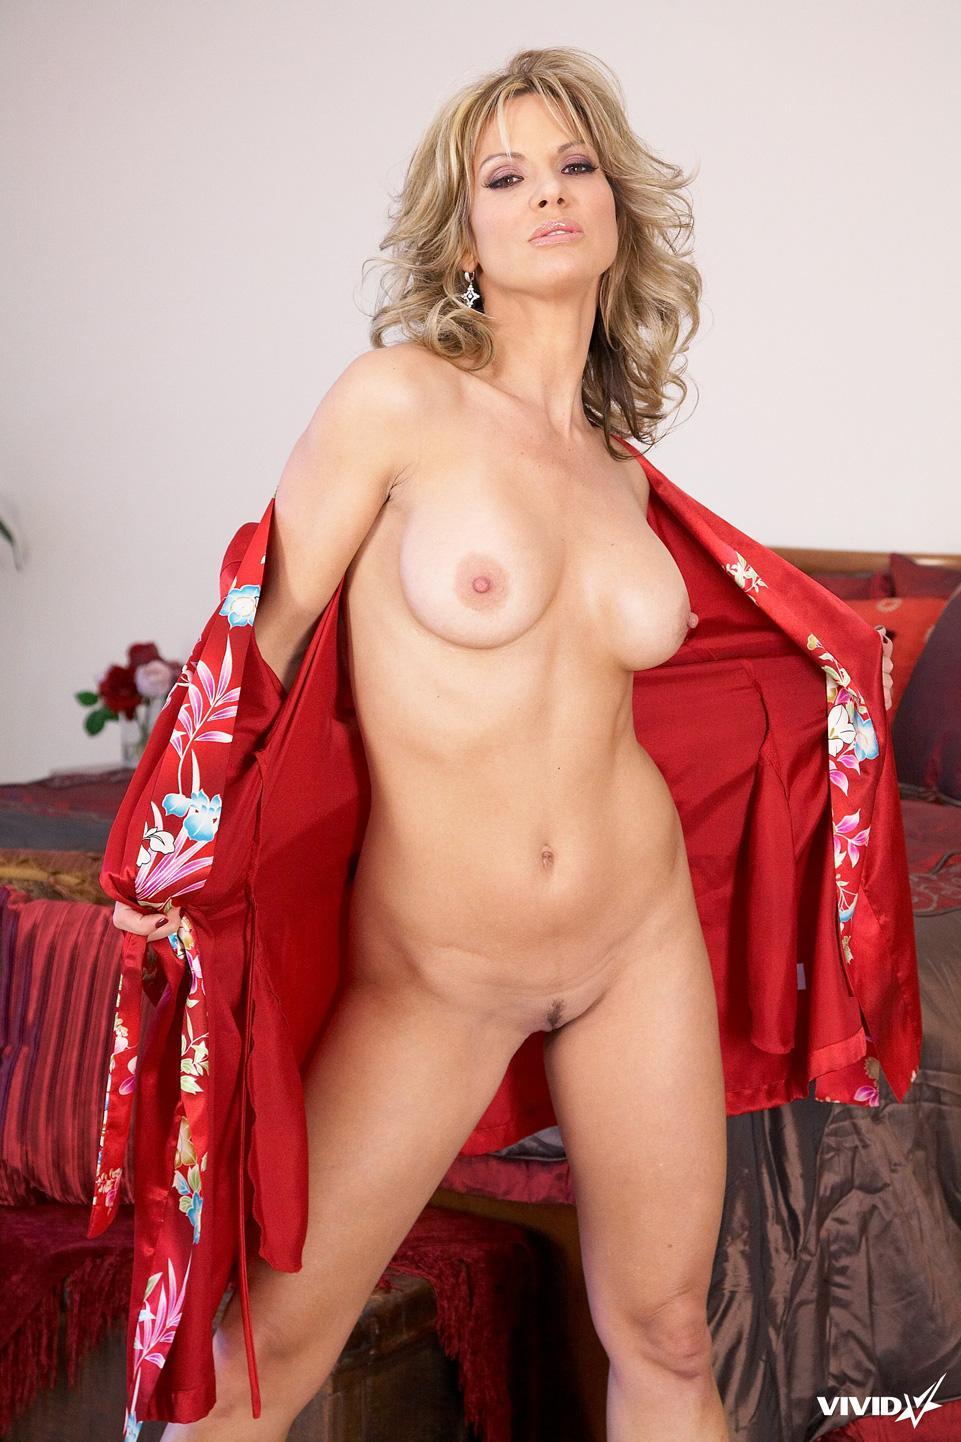 Sexy MILF is tempting in her bedroom - Savanna Samsons - 4